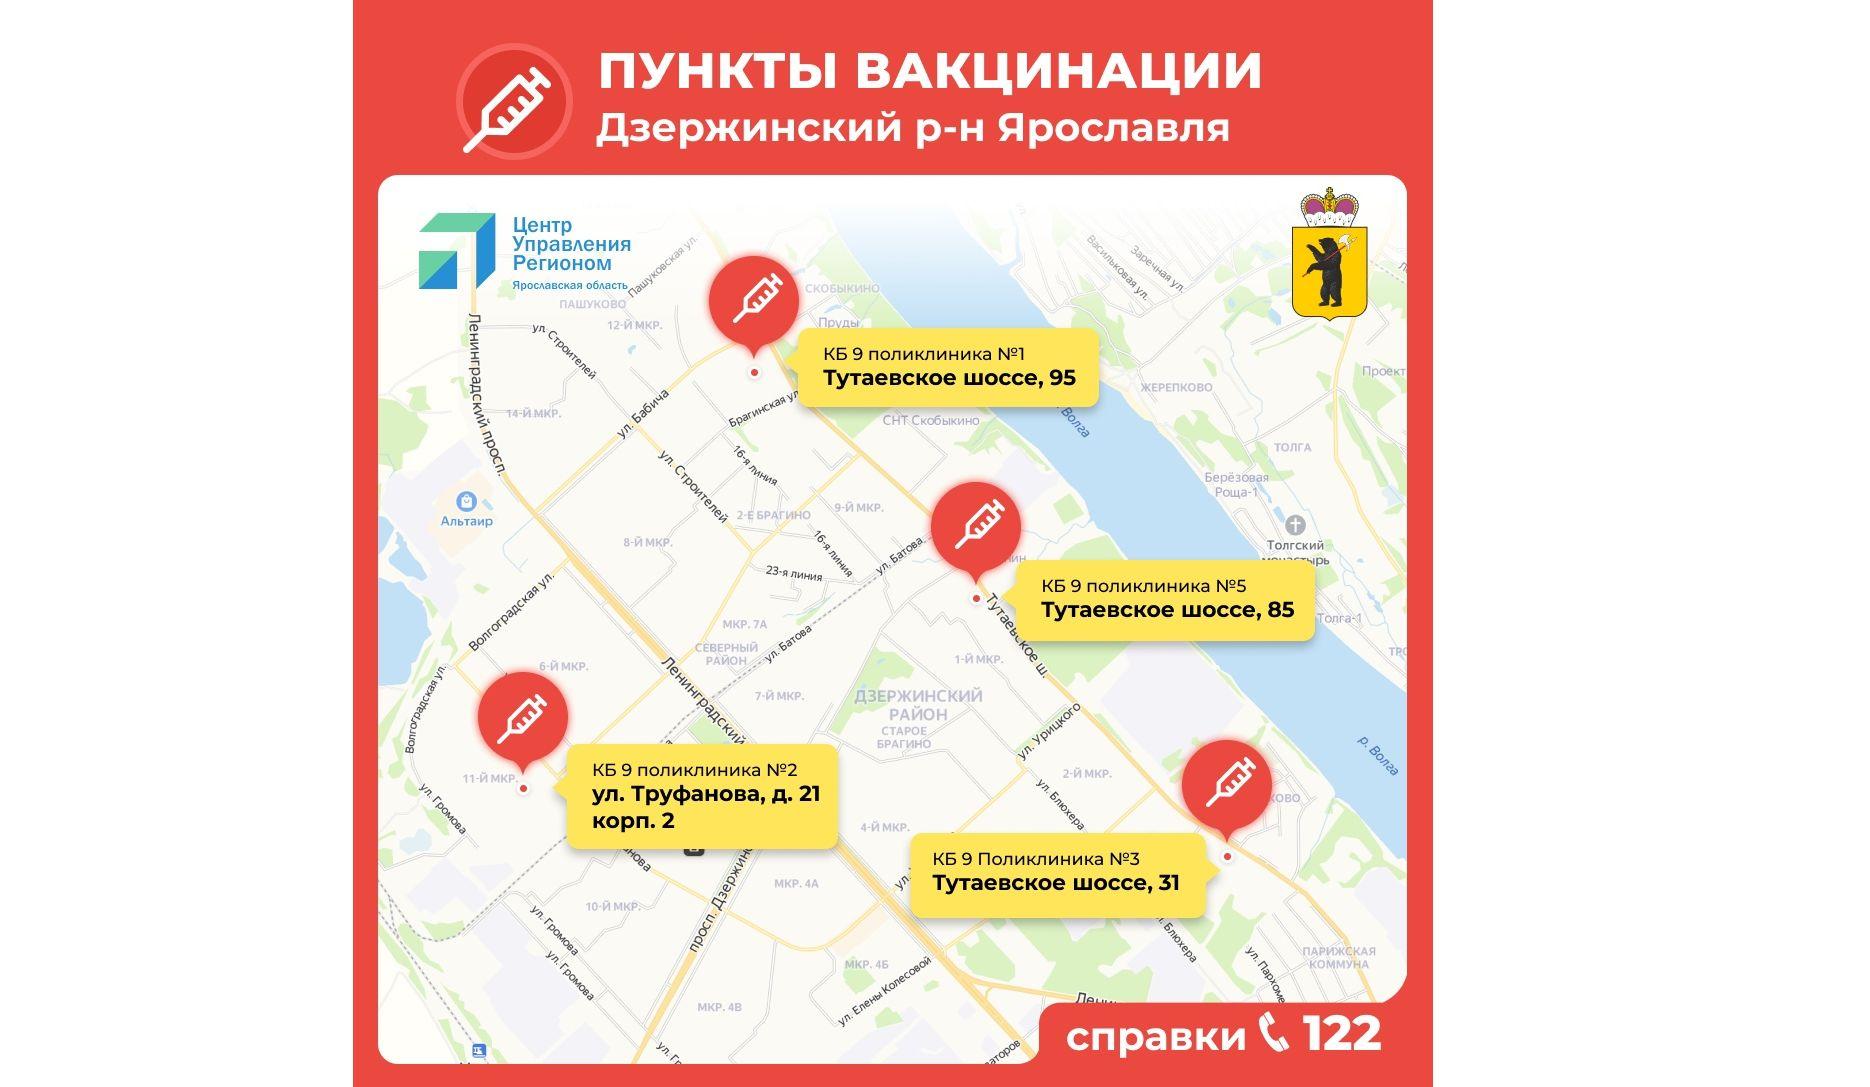 Дмитрий Миронов назвал места в Ярославской области, где можно сделать прививку от коронавируса